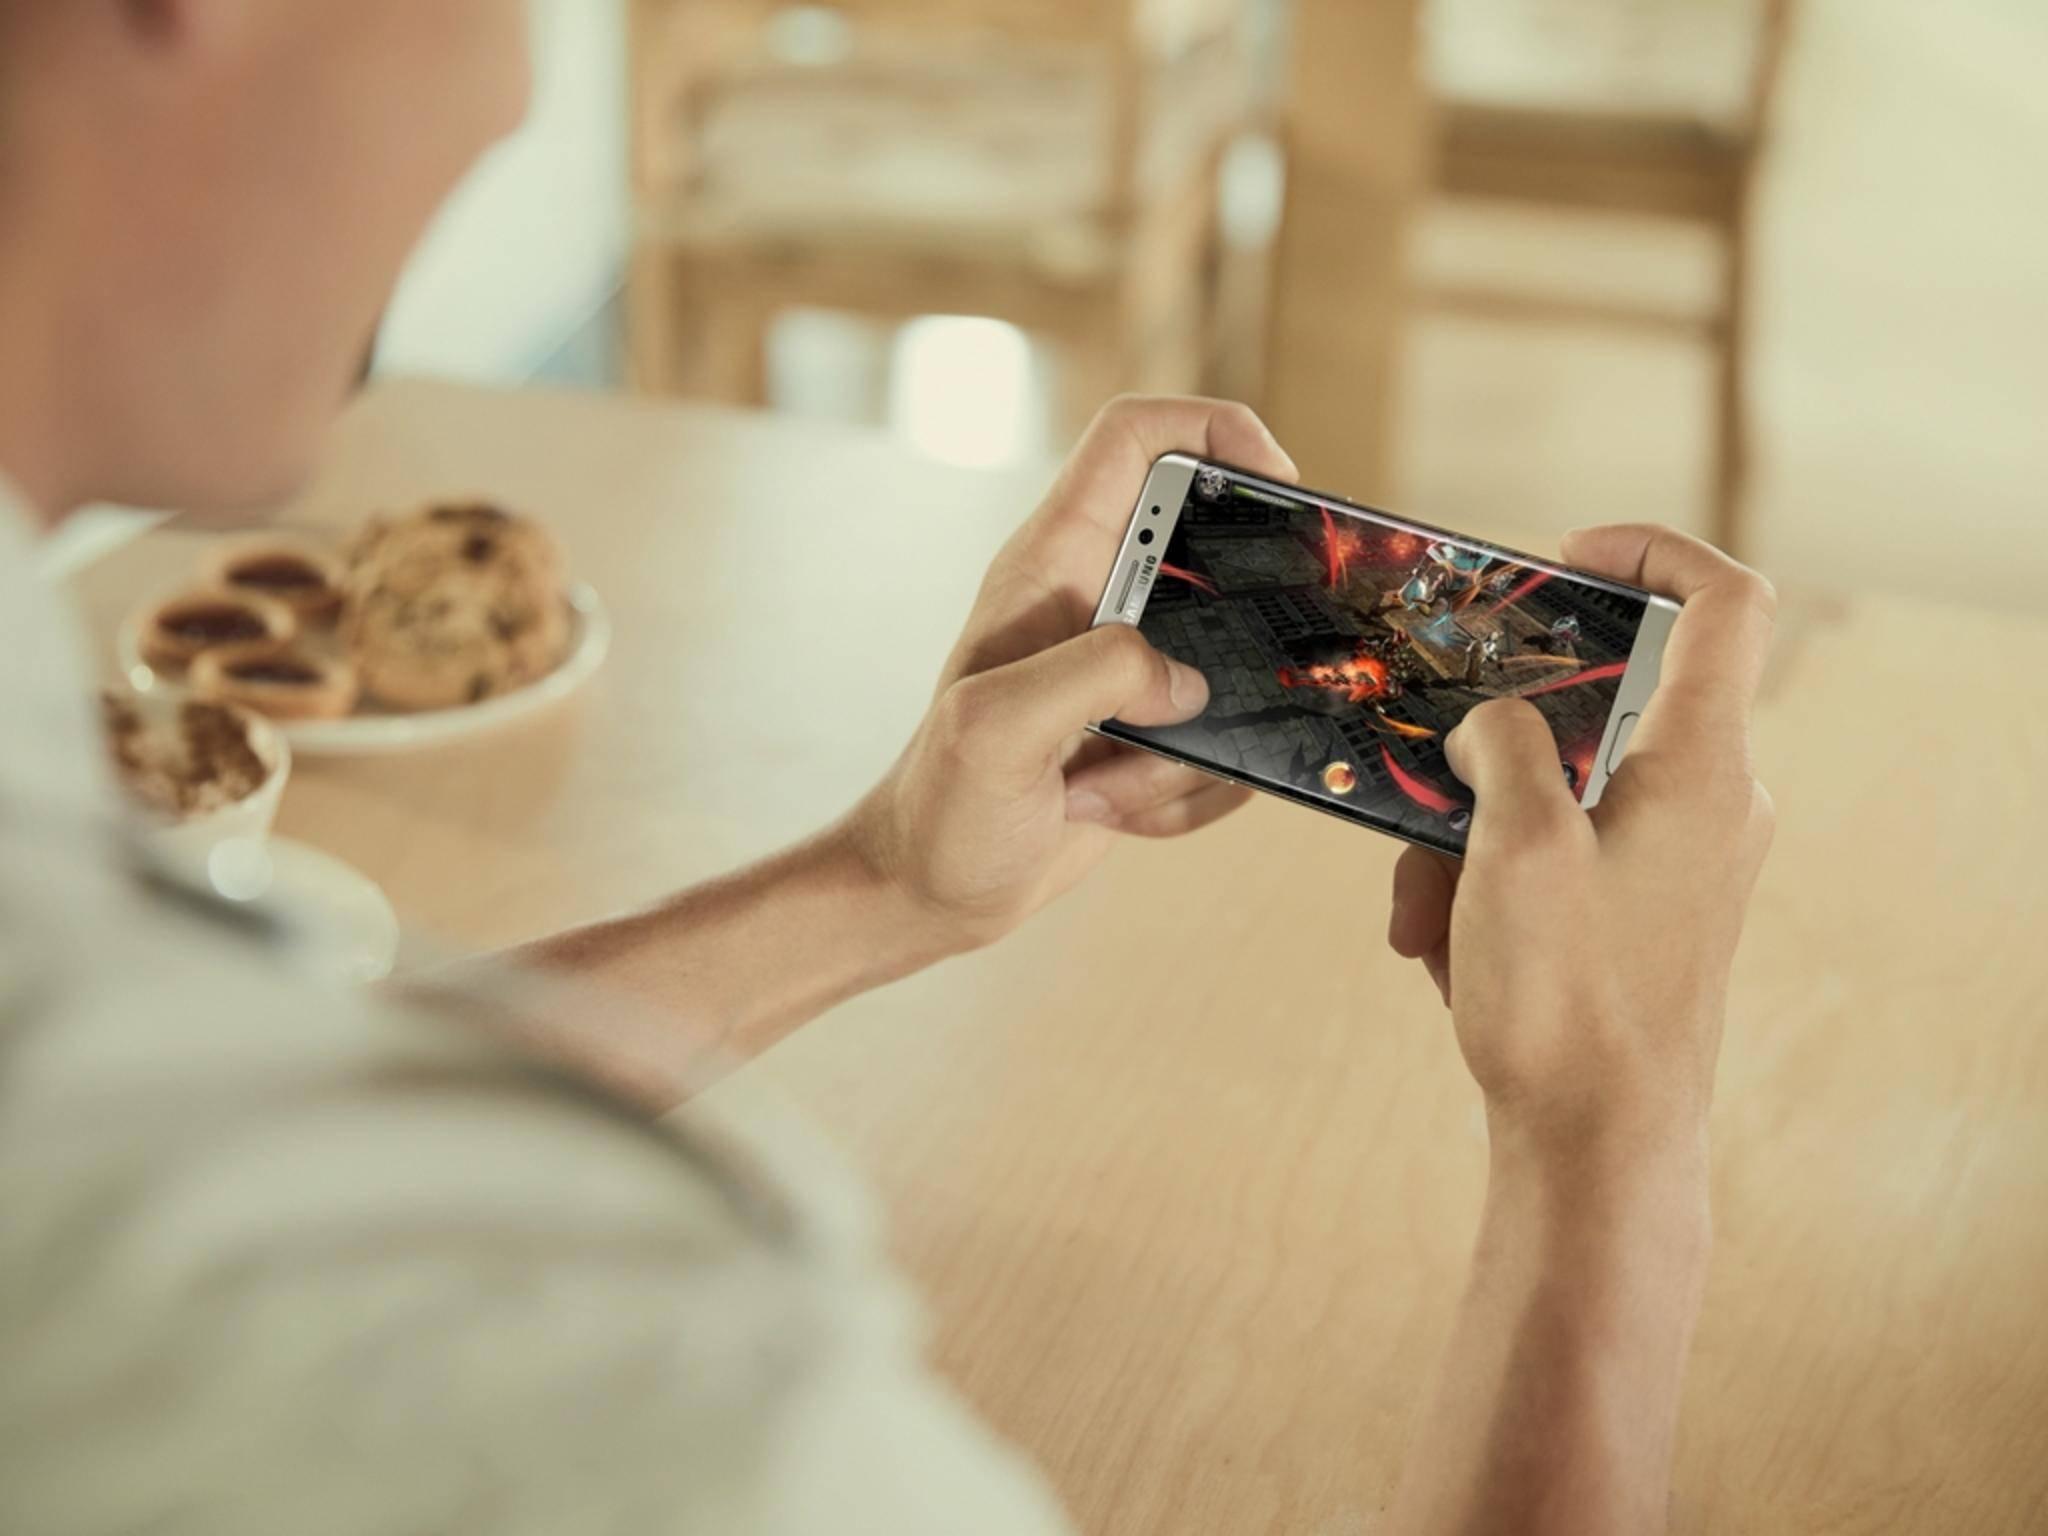 Wie schlägt sich das Galaxy Note 7 gegen das iPhone 6s?